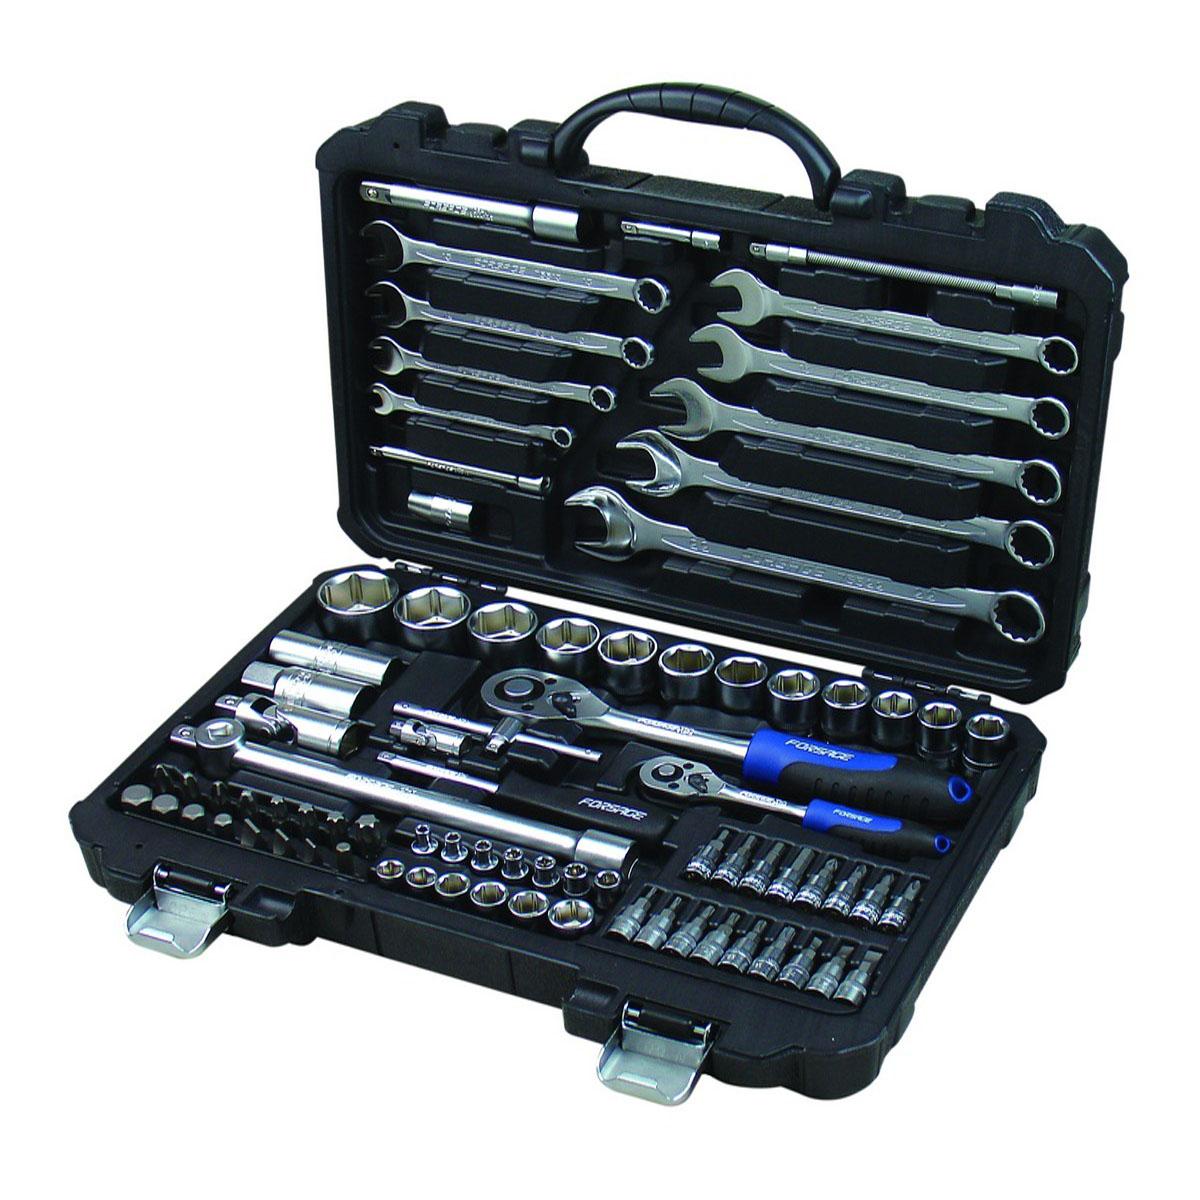 Набор инструментов универсальный Forsage, 82 предмета. 4821-5 набор головок forsage 16 предметов 4161 5